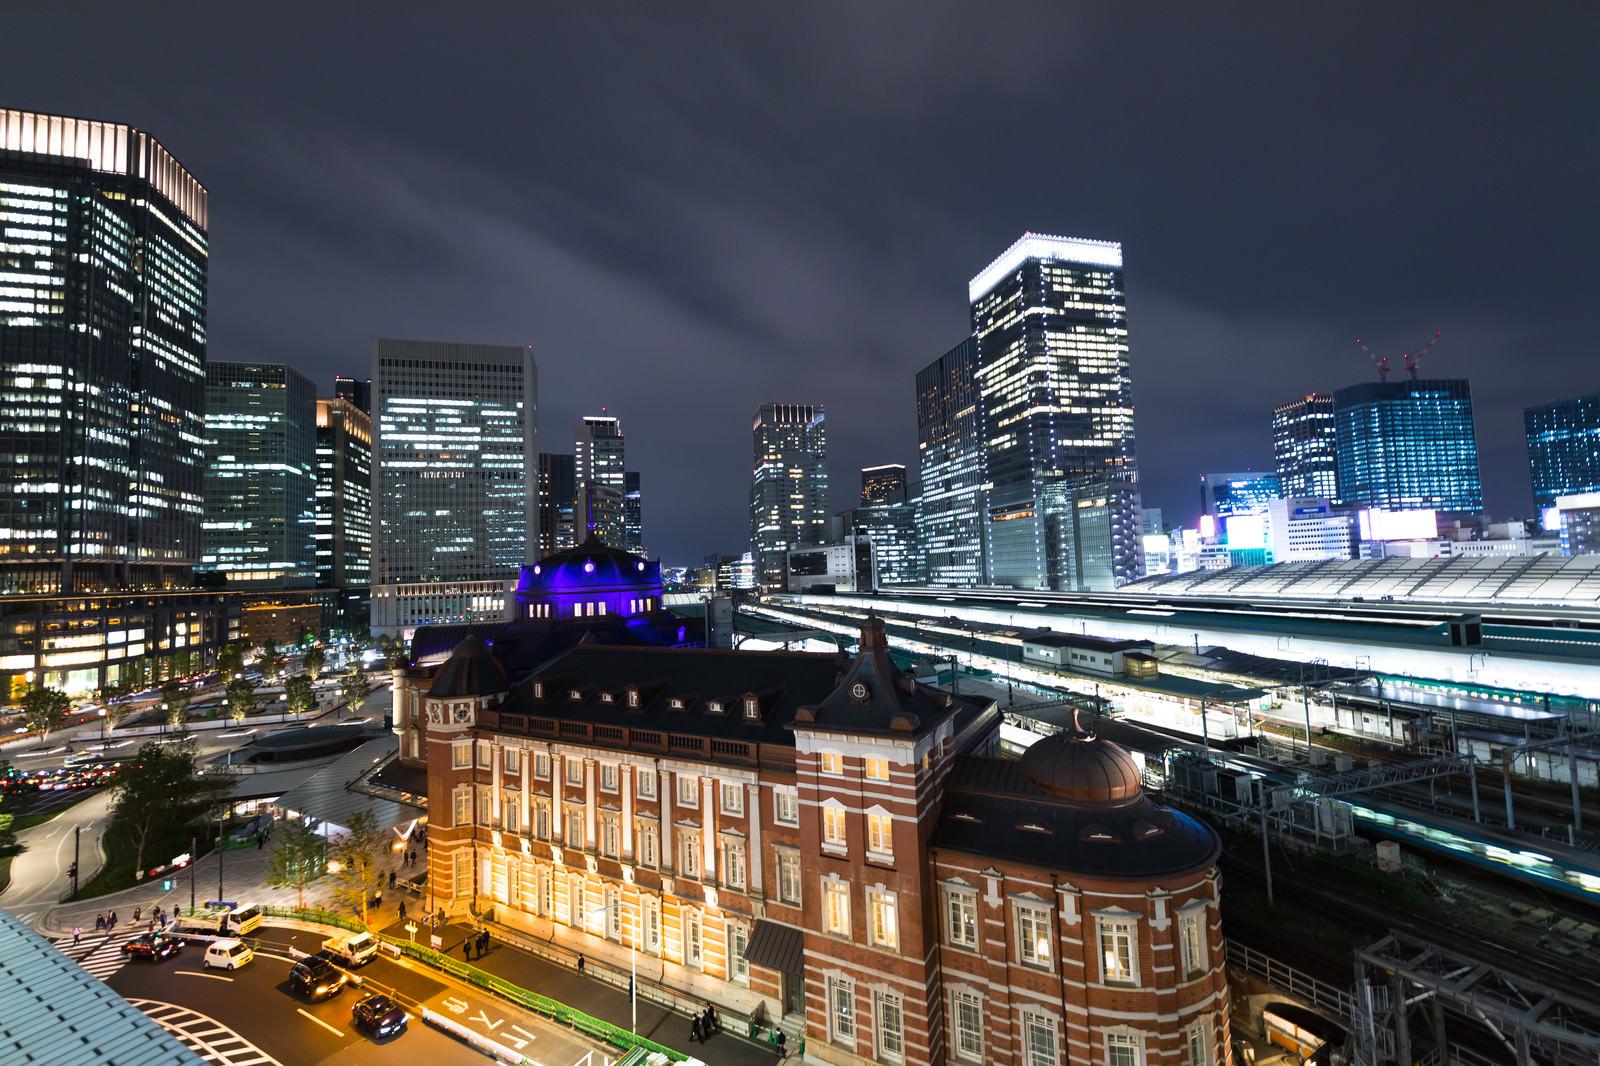 「東京駅丸の内駅舎とホーム東京駅丸の内駅舎とホーム」のフリー写真素材を拡大